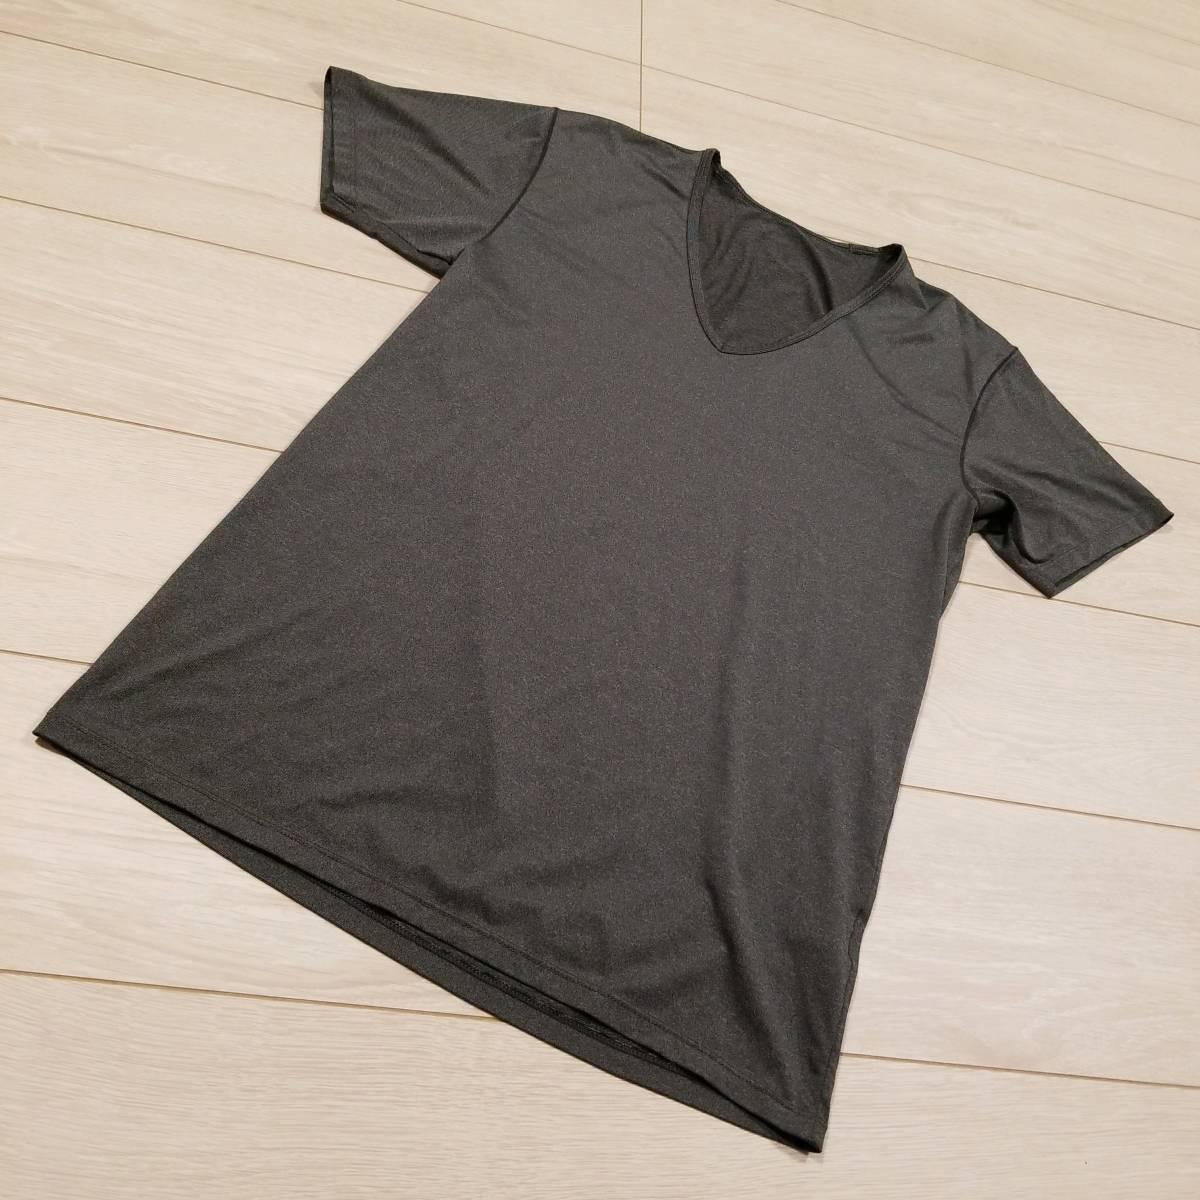 K546 UNIQLO ユニクロ AIRism エアリズム Tシャツ S メンズ カットソー 半袖 グレー系 Vネック .